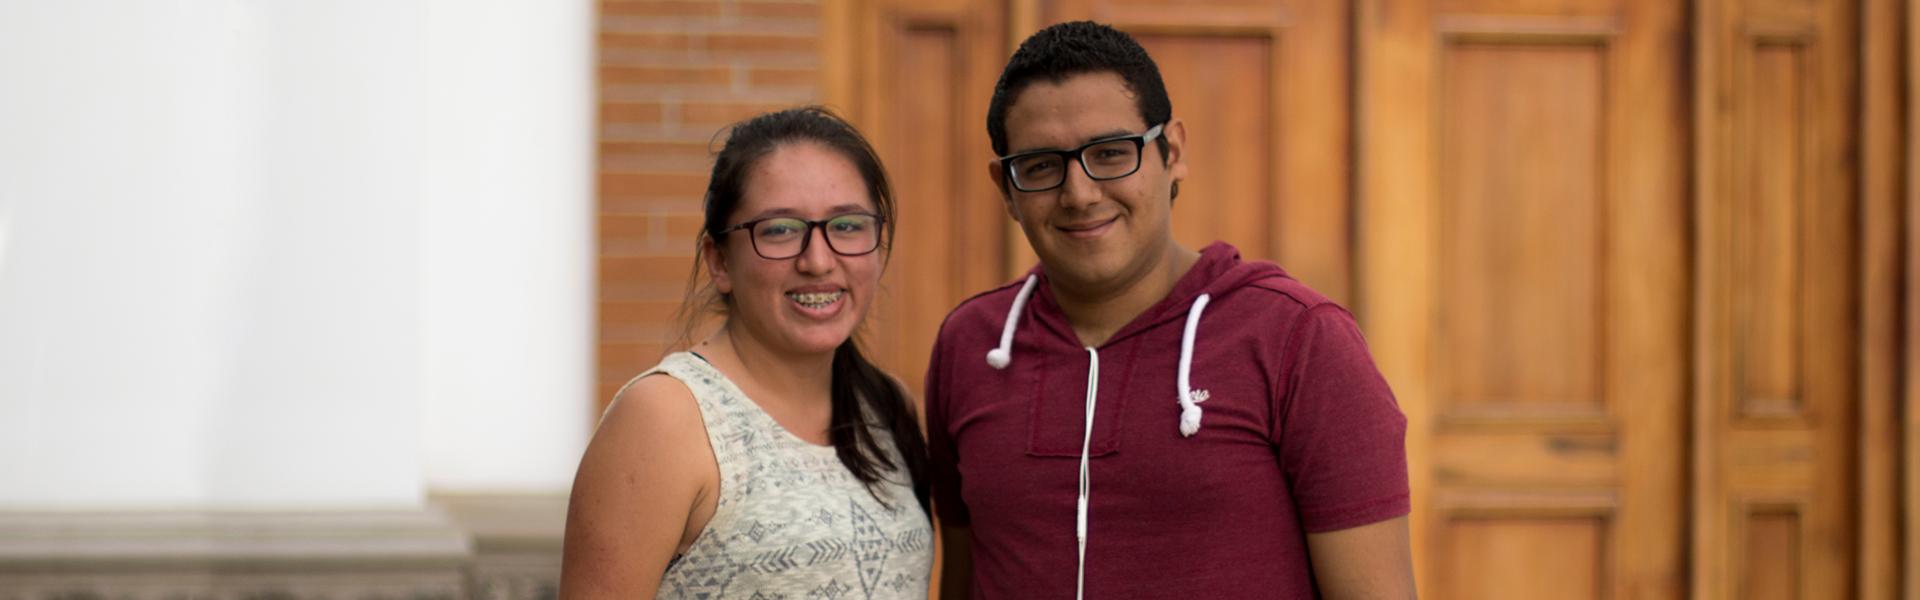 Estudiantes de Yachay Tech participarán en el programa SUSI para Líderes Universitarios 2017